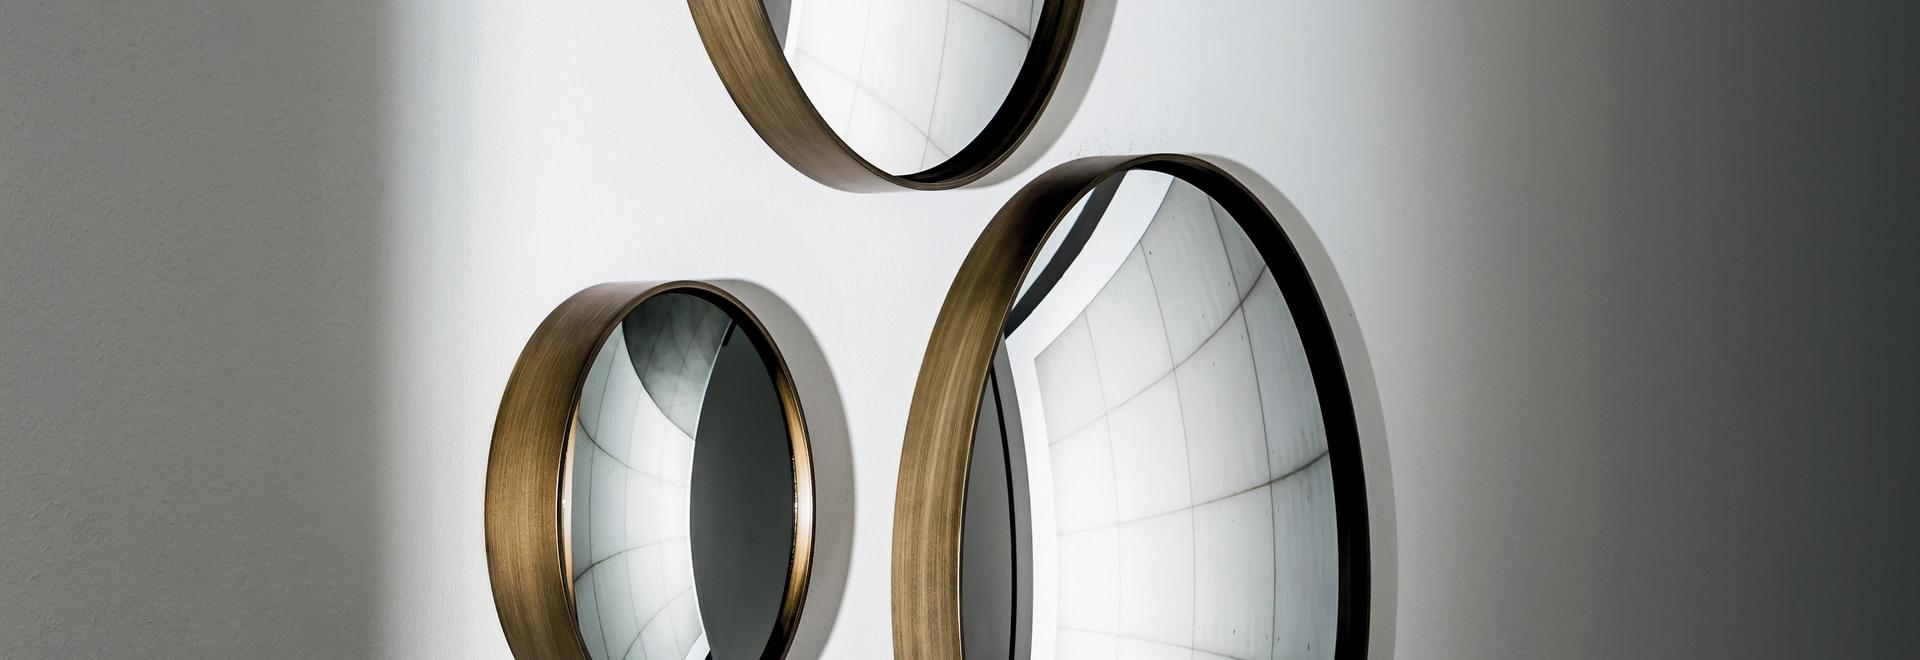 NUEVO: Los espejos cóncavos y convexos de la vela por SOVET ...